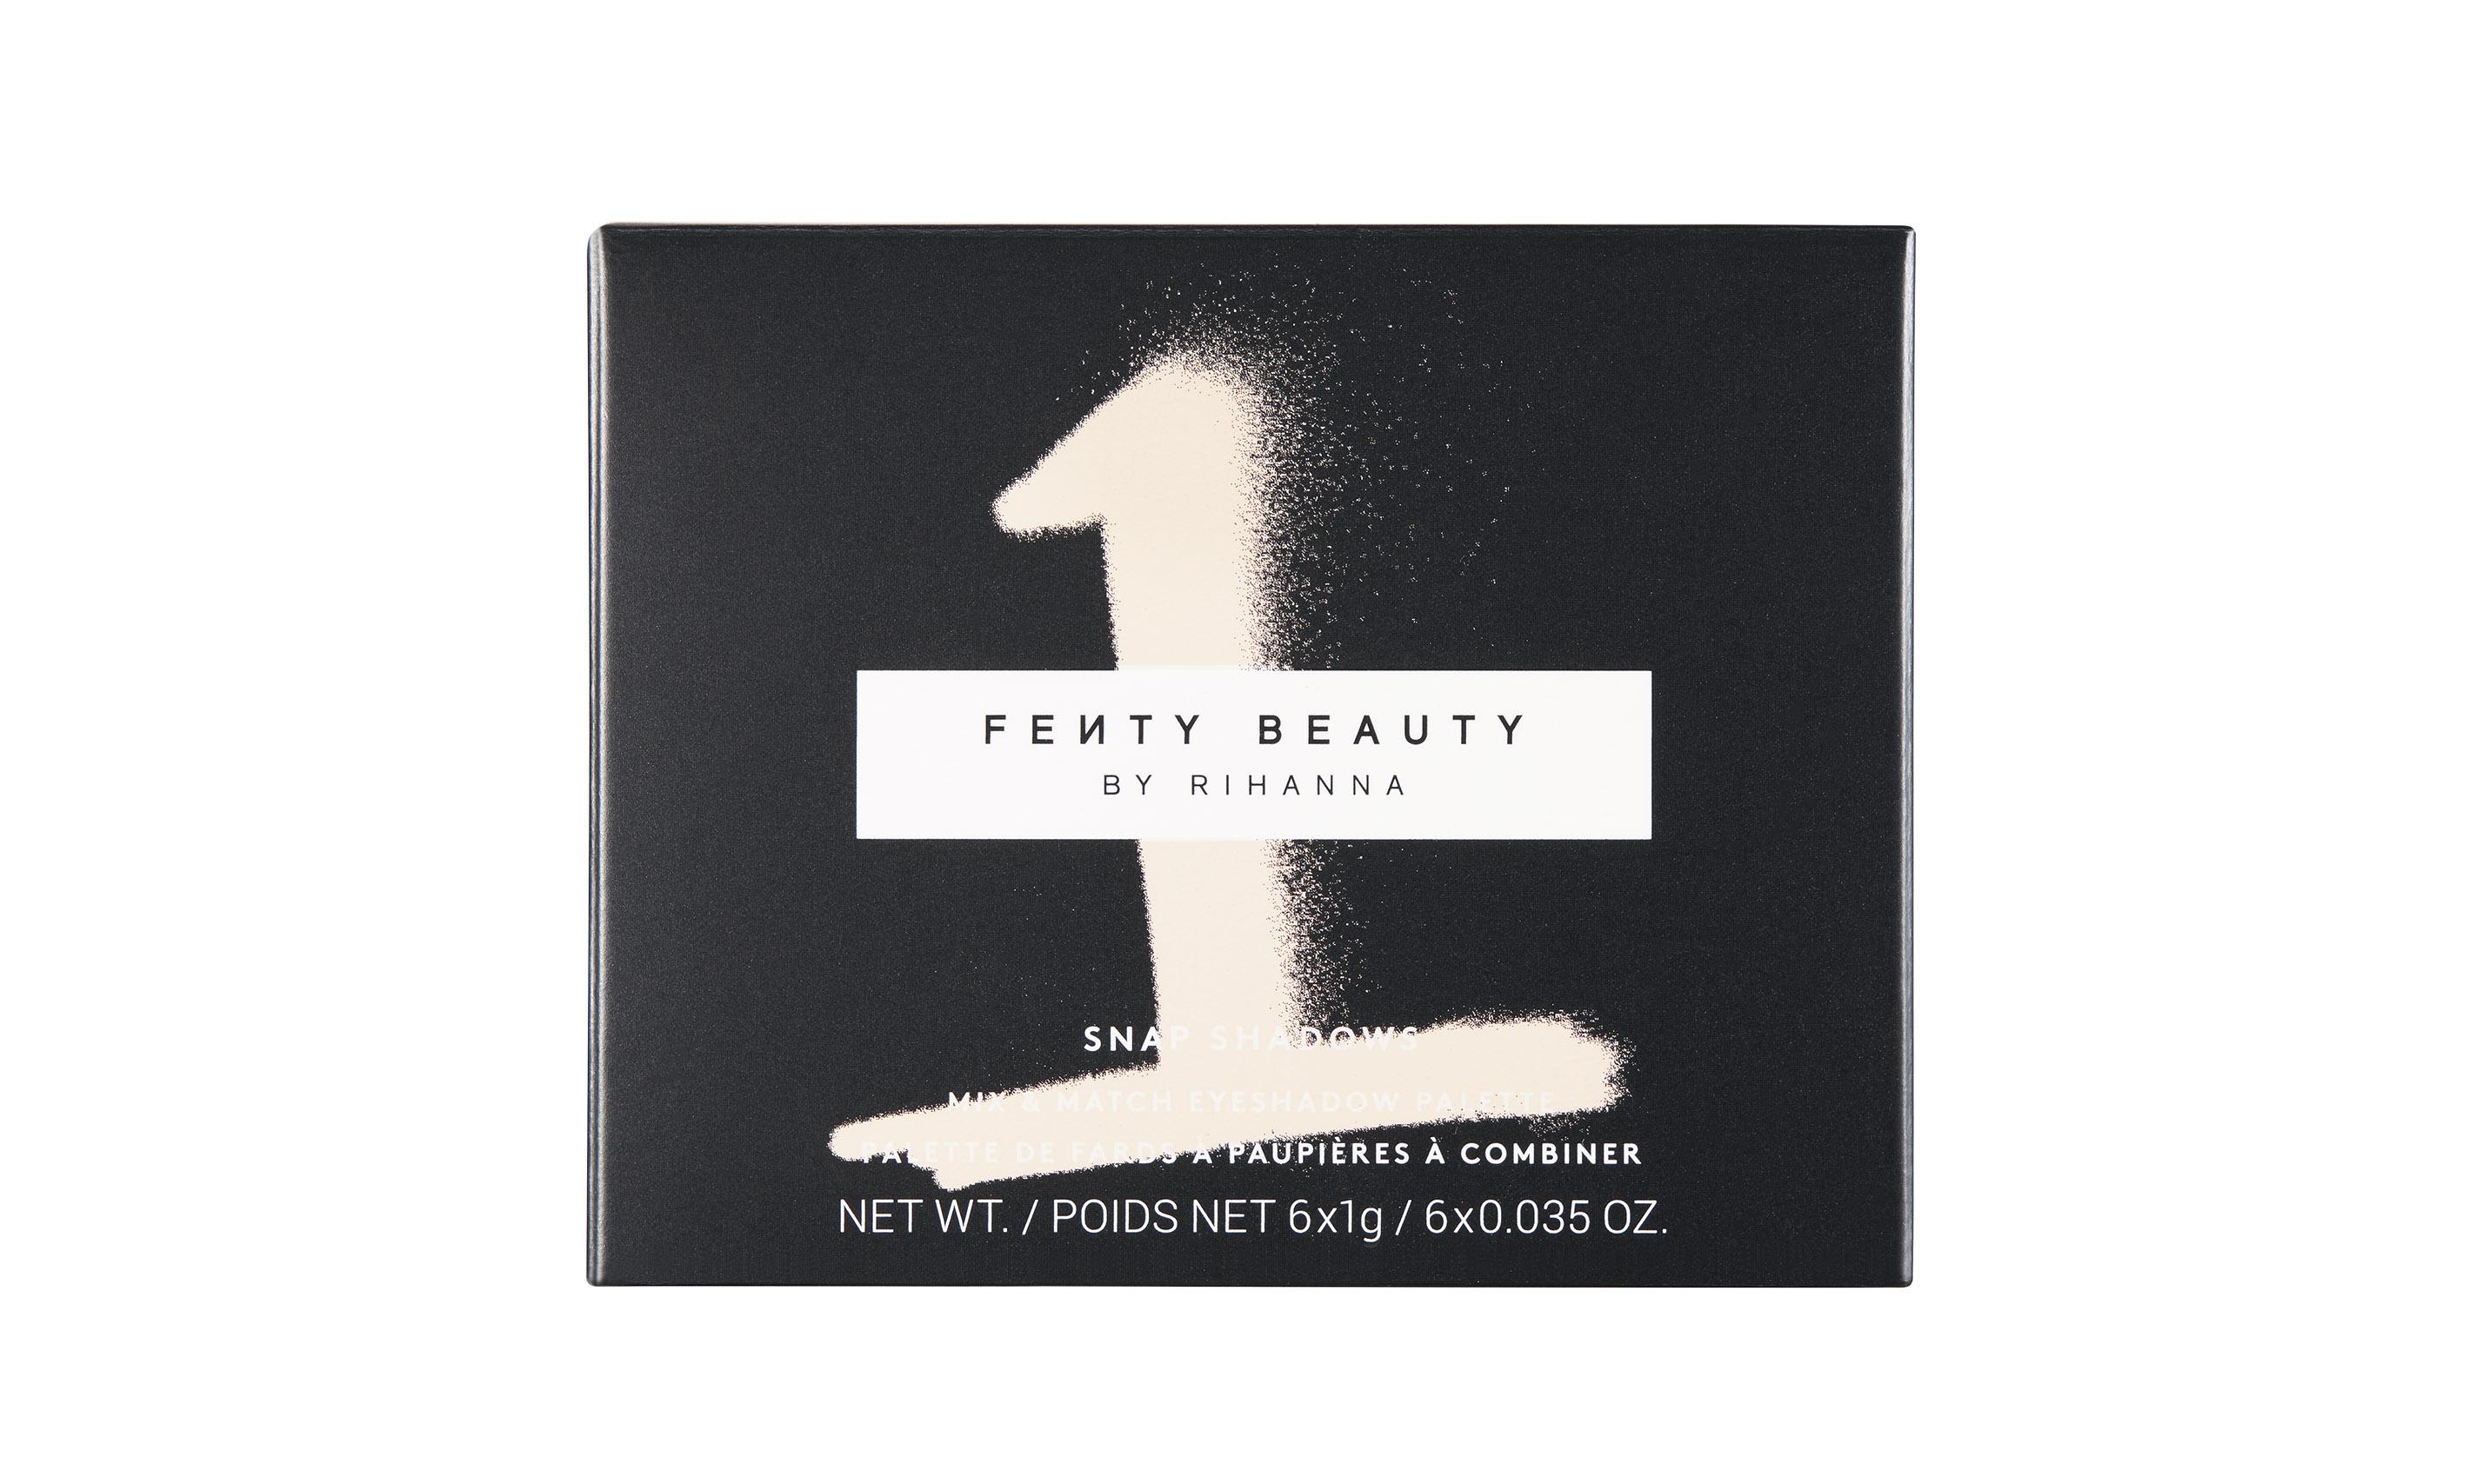 年终礼物精选,Rihanna 的美妆品牌 Fenty Beauty 释出新品眼影盘